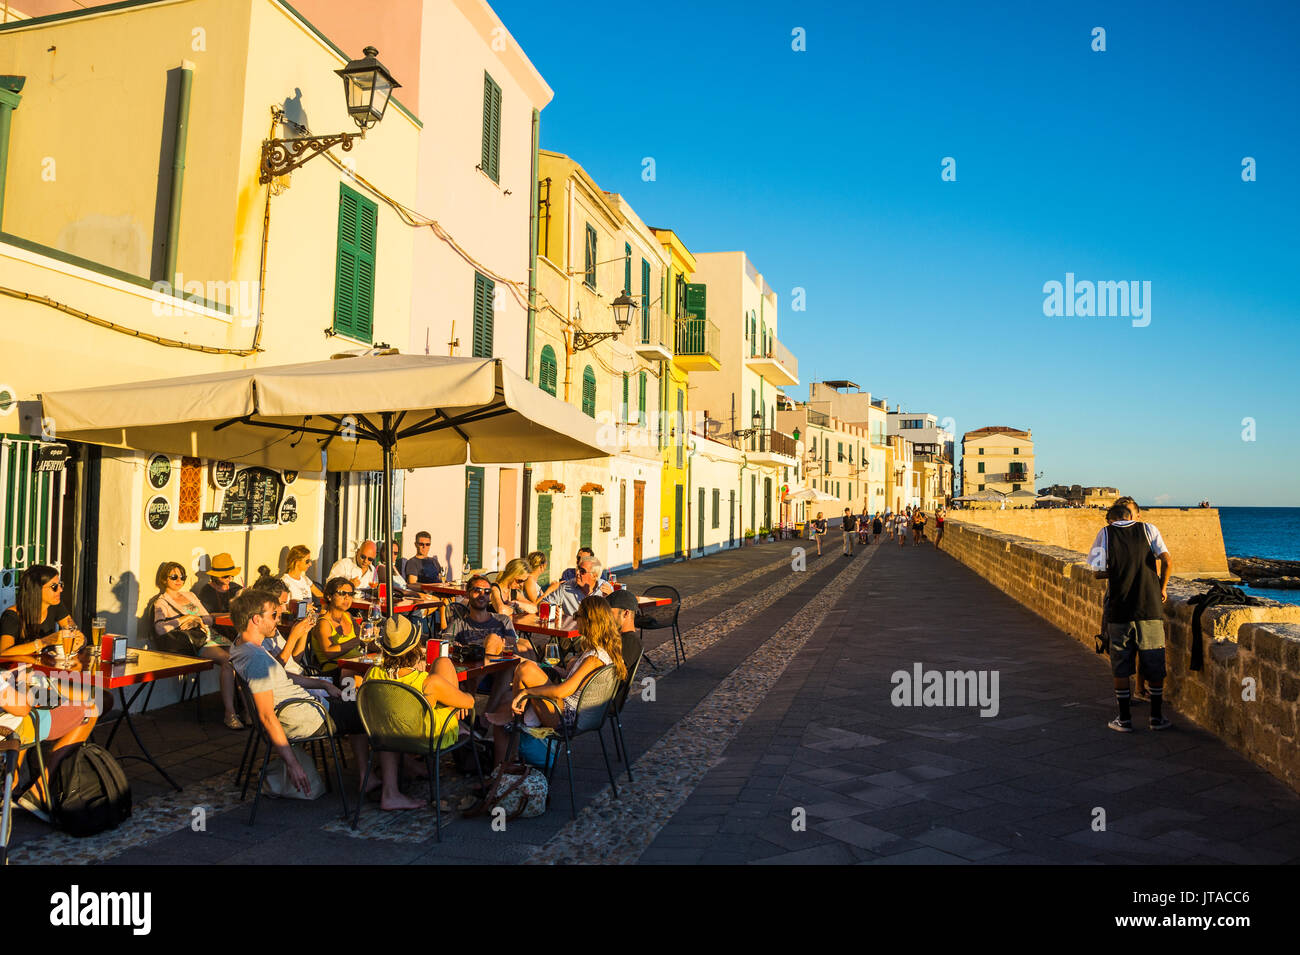 Ristorante sul mare lungomare della città costiera di Alghero, Sardegna, Mediterraneo, l'Italia, Europa Immagini Stock